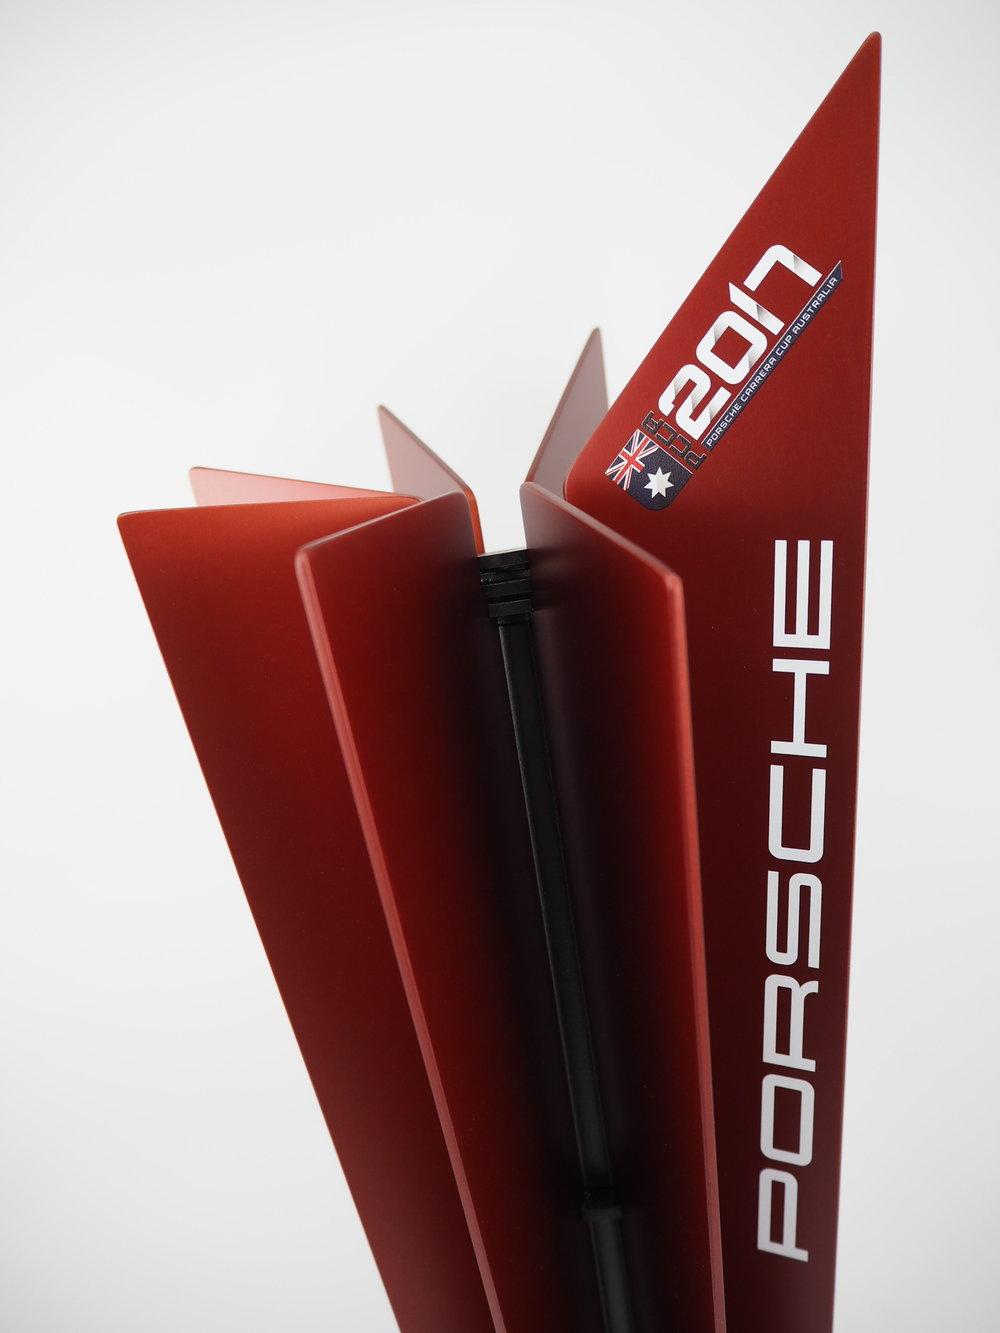 porsche-eos-aluminium-sculpture-trophy-awards-02.jpg